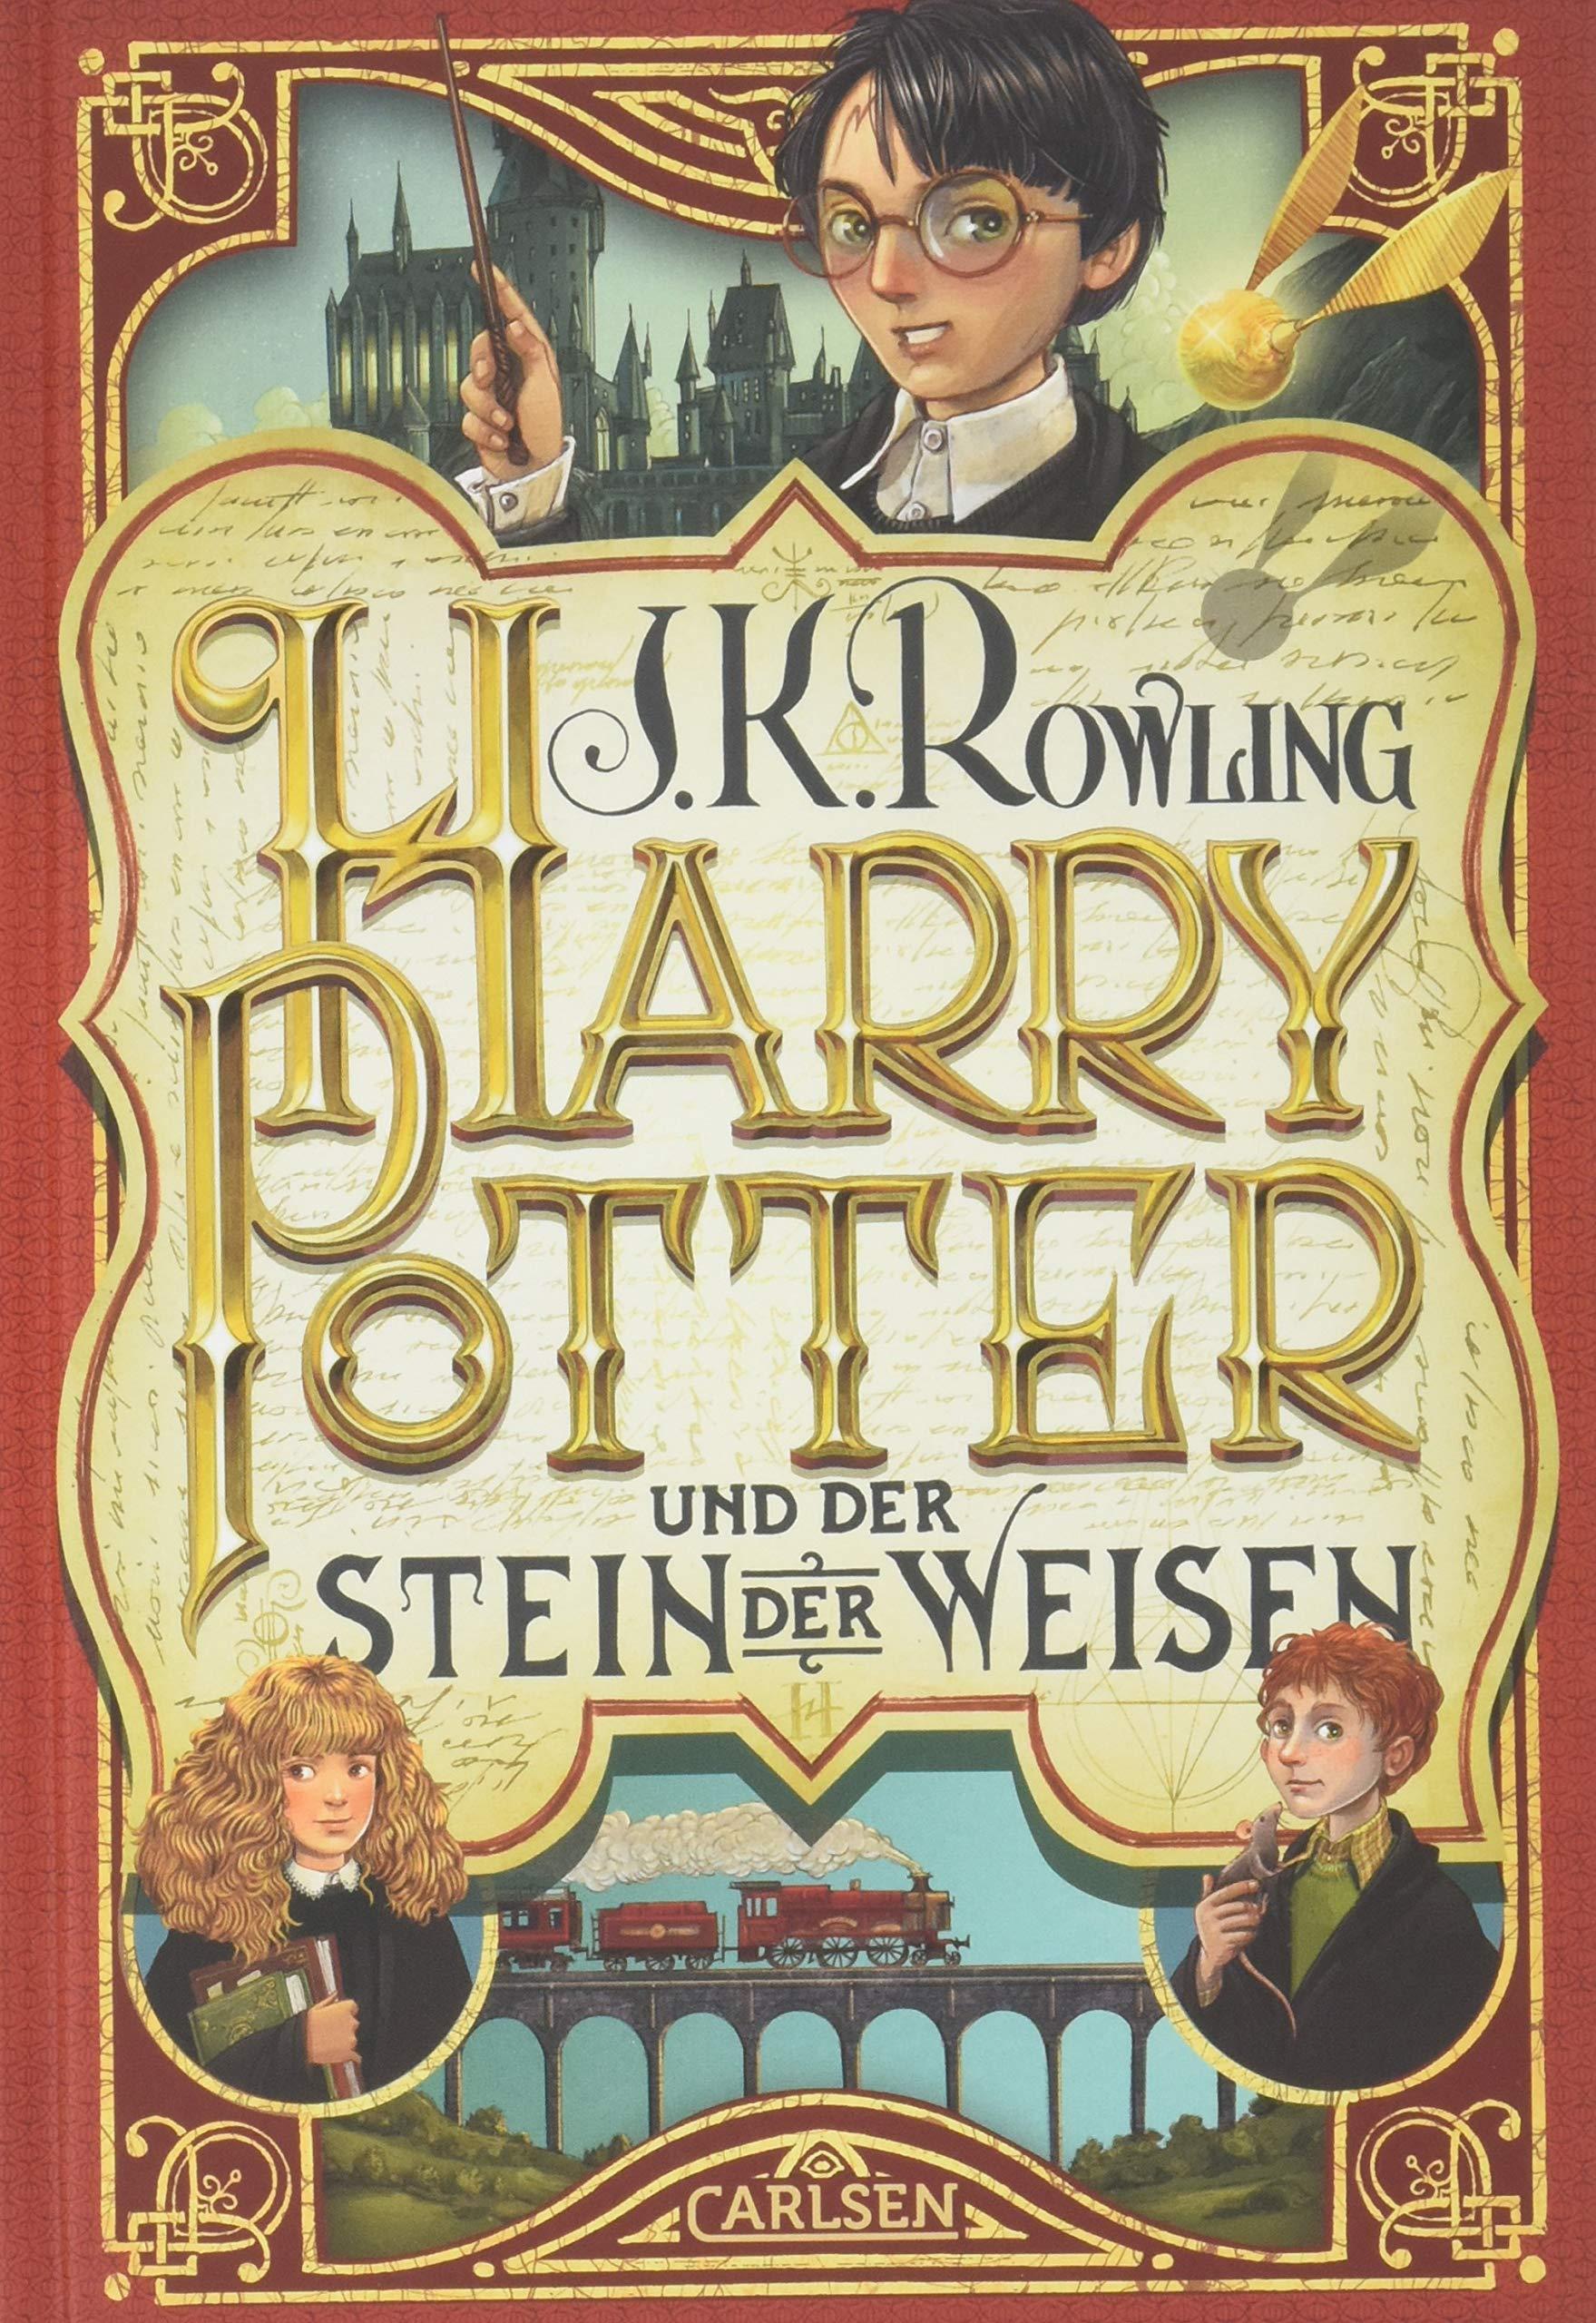 Harry Potter 1 und der Stein der Weisen: Amazon.es: J. K. Rowling, Klaus  Fritz: Libros en idiomas extranjeros